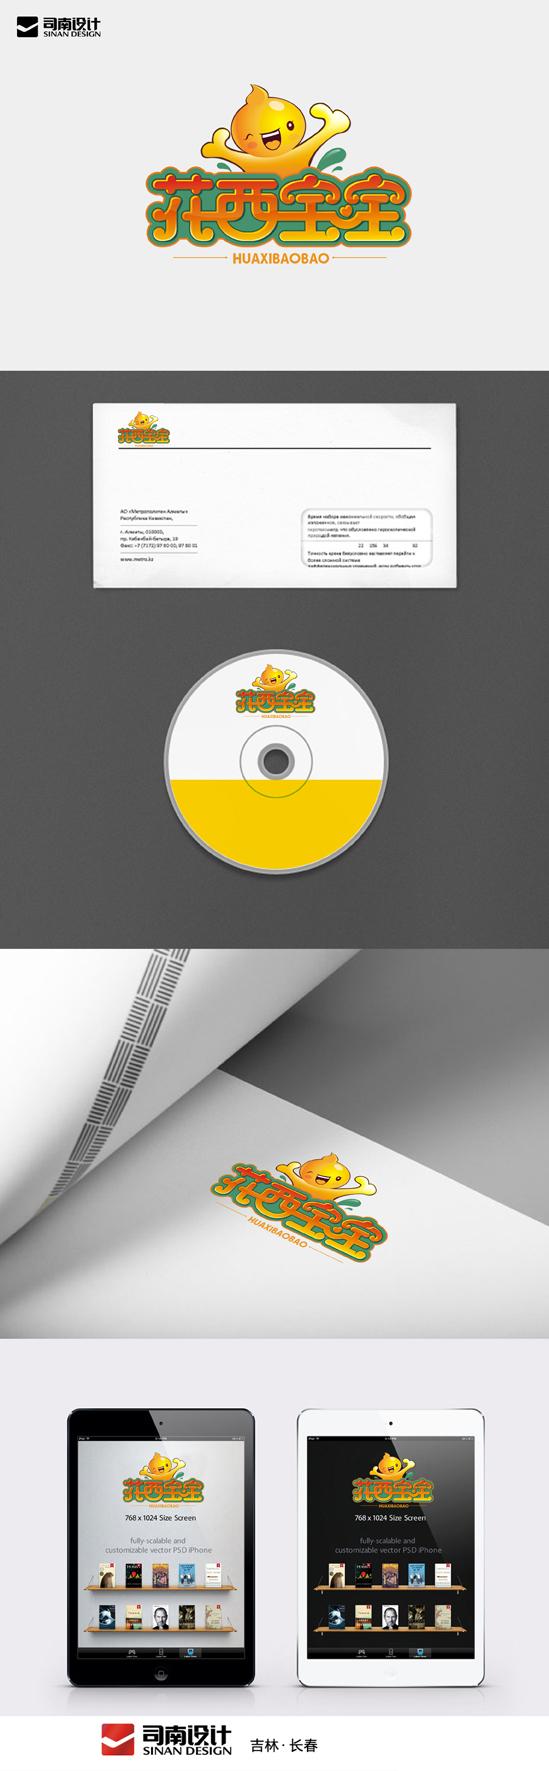 玩具电商标志设计